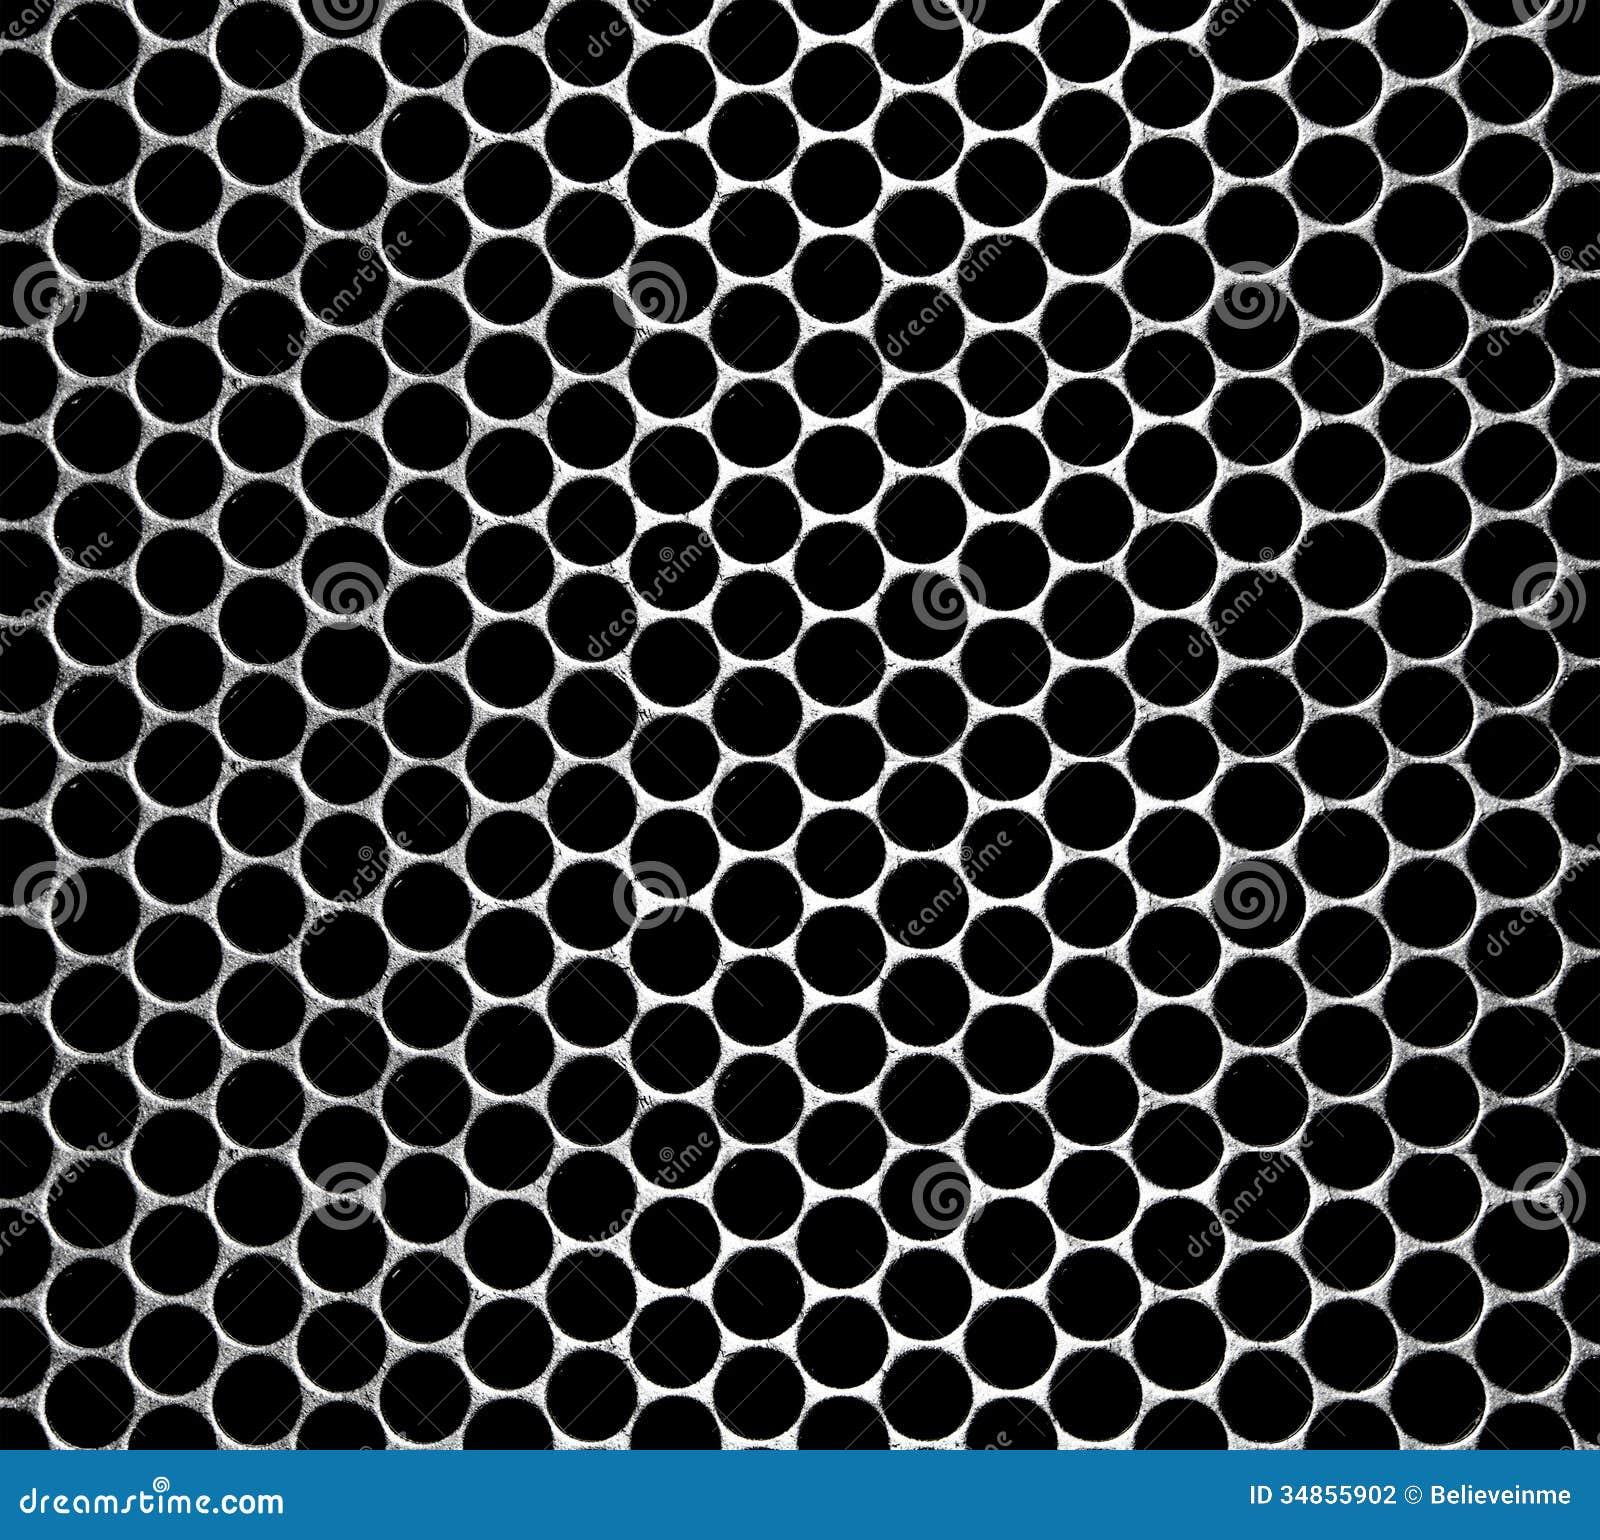 texture abstraite de grille de haut parleur photographie stock image 34855902. Black Bedroom Furniture Sets. Home Design Ideas